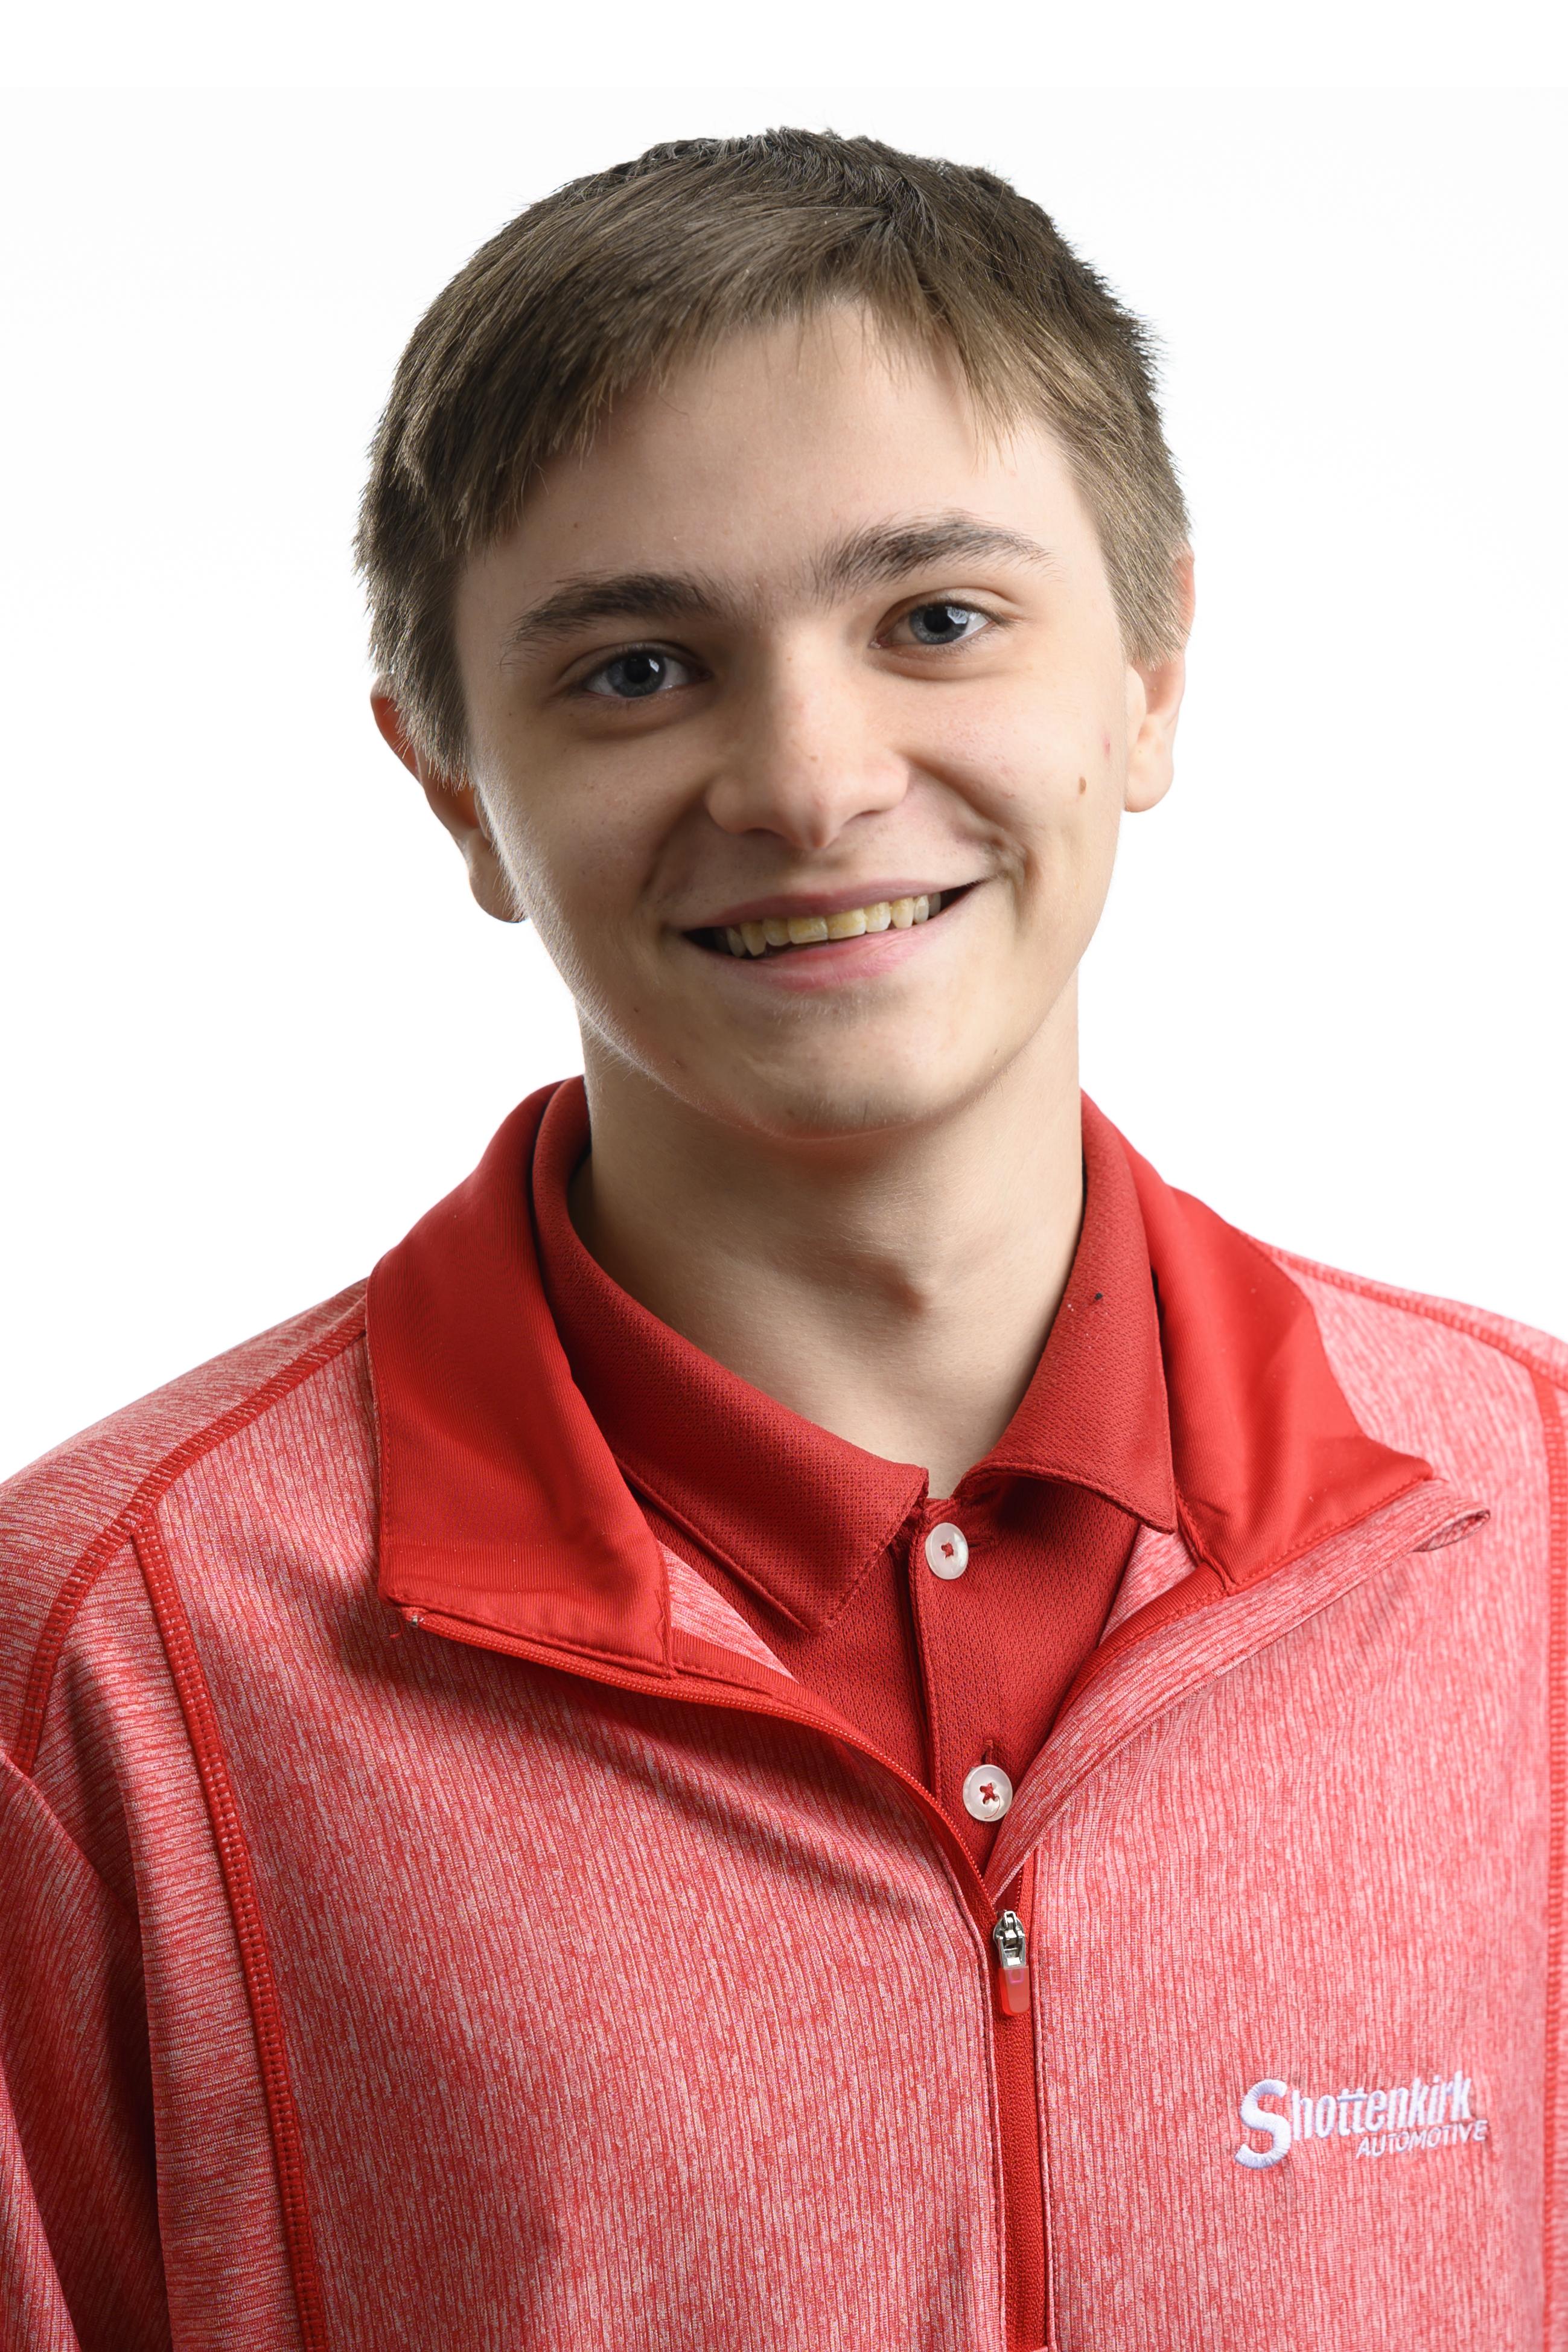 Eric Craigmiles Bio Image